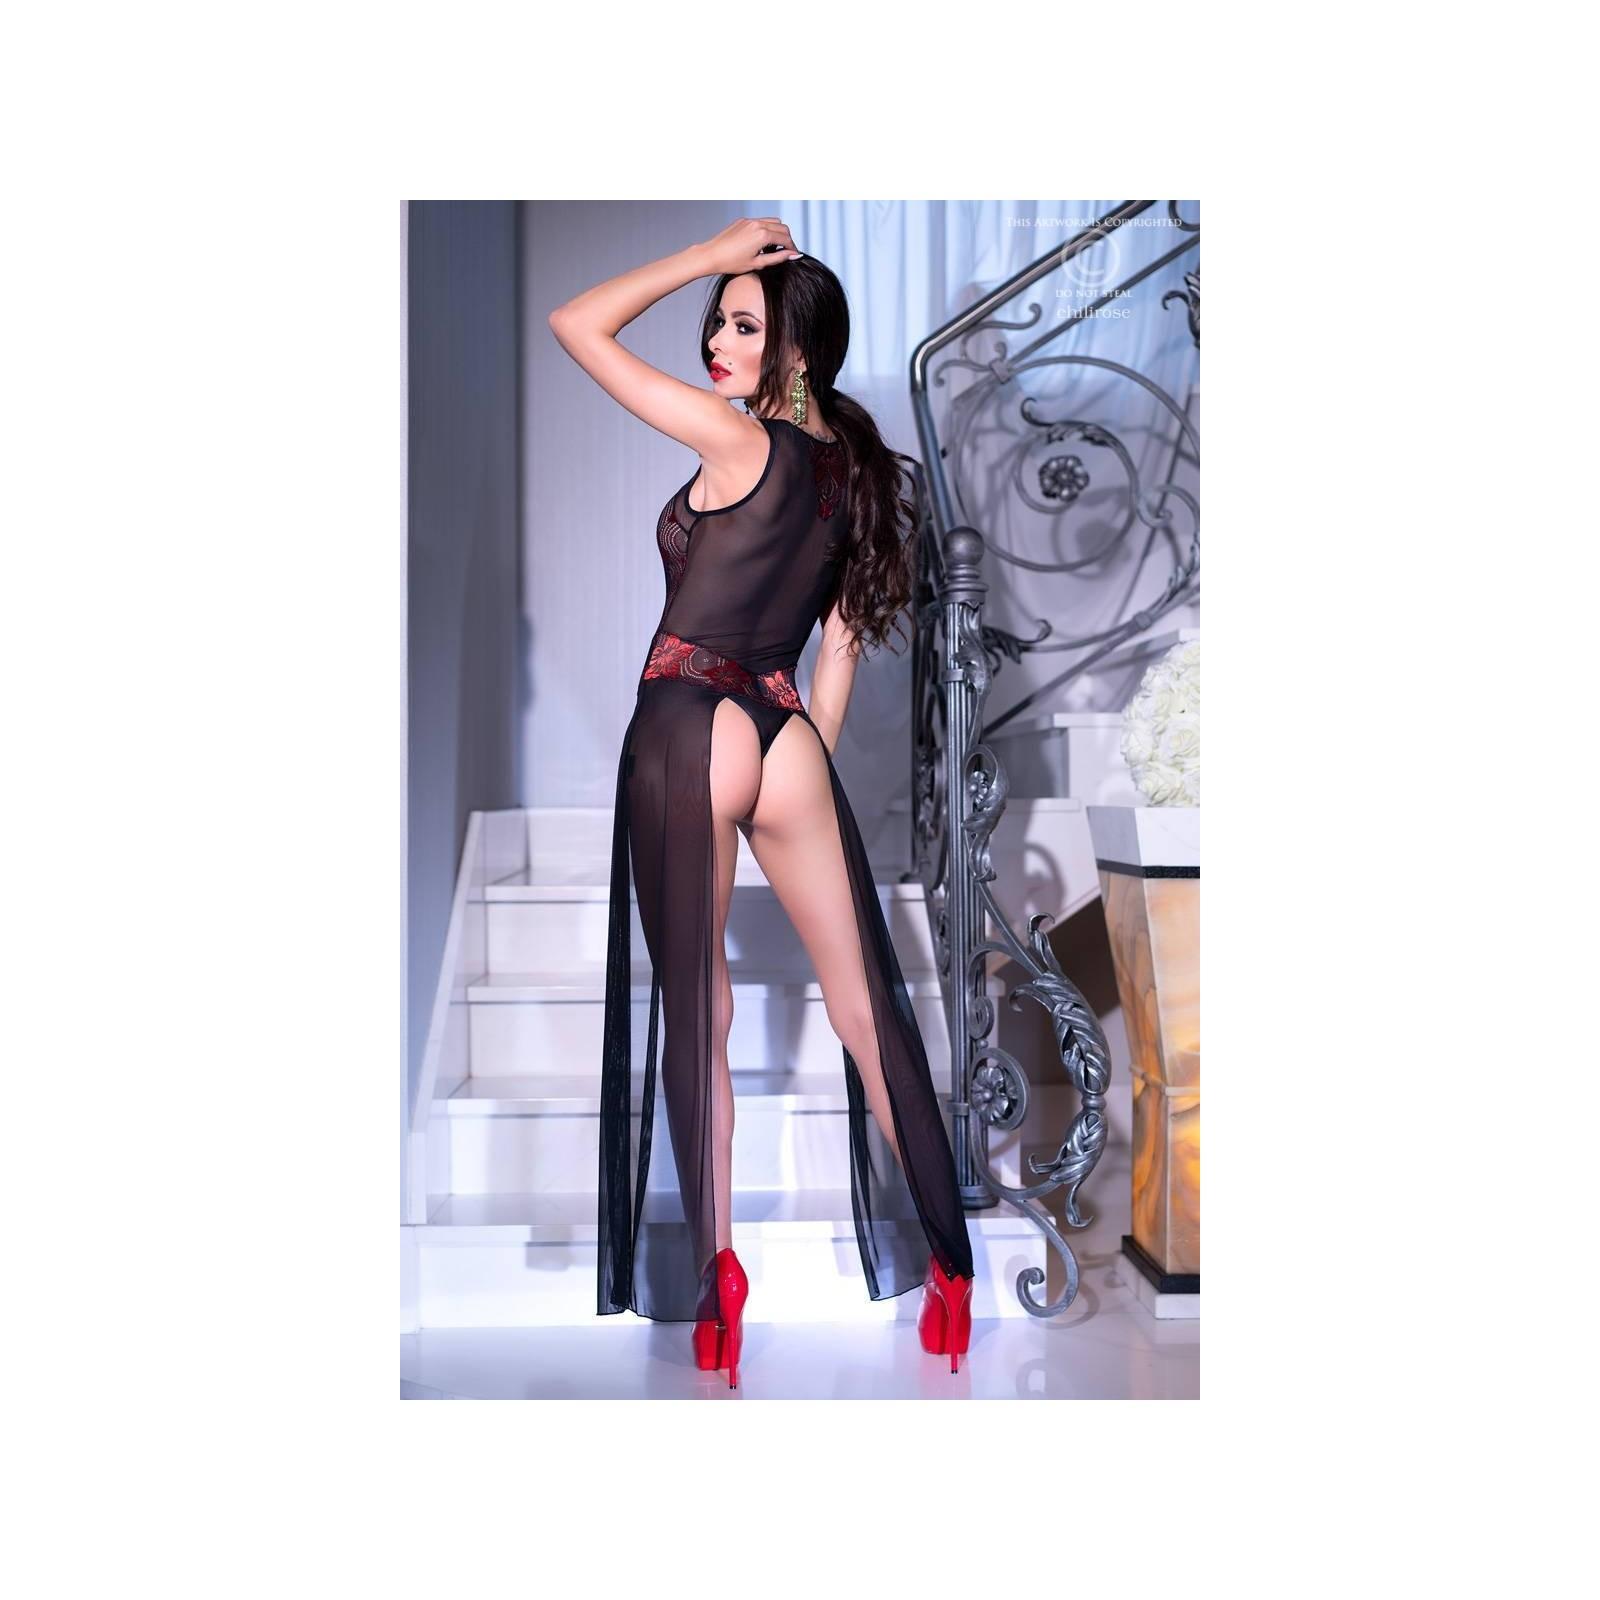 Langes Kleid CR4250 schwarz/rot - 2 - Vorschaubild